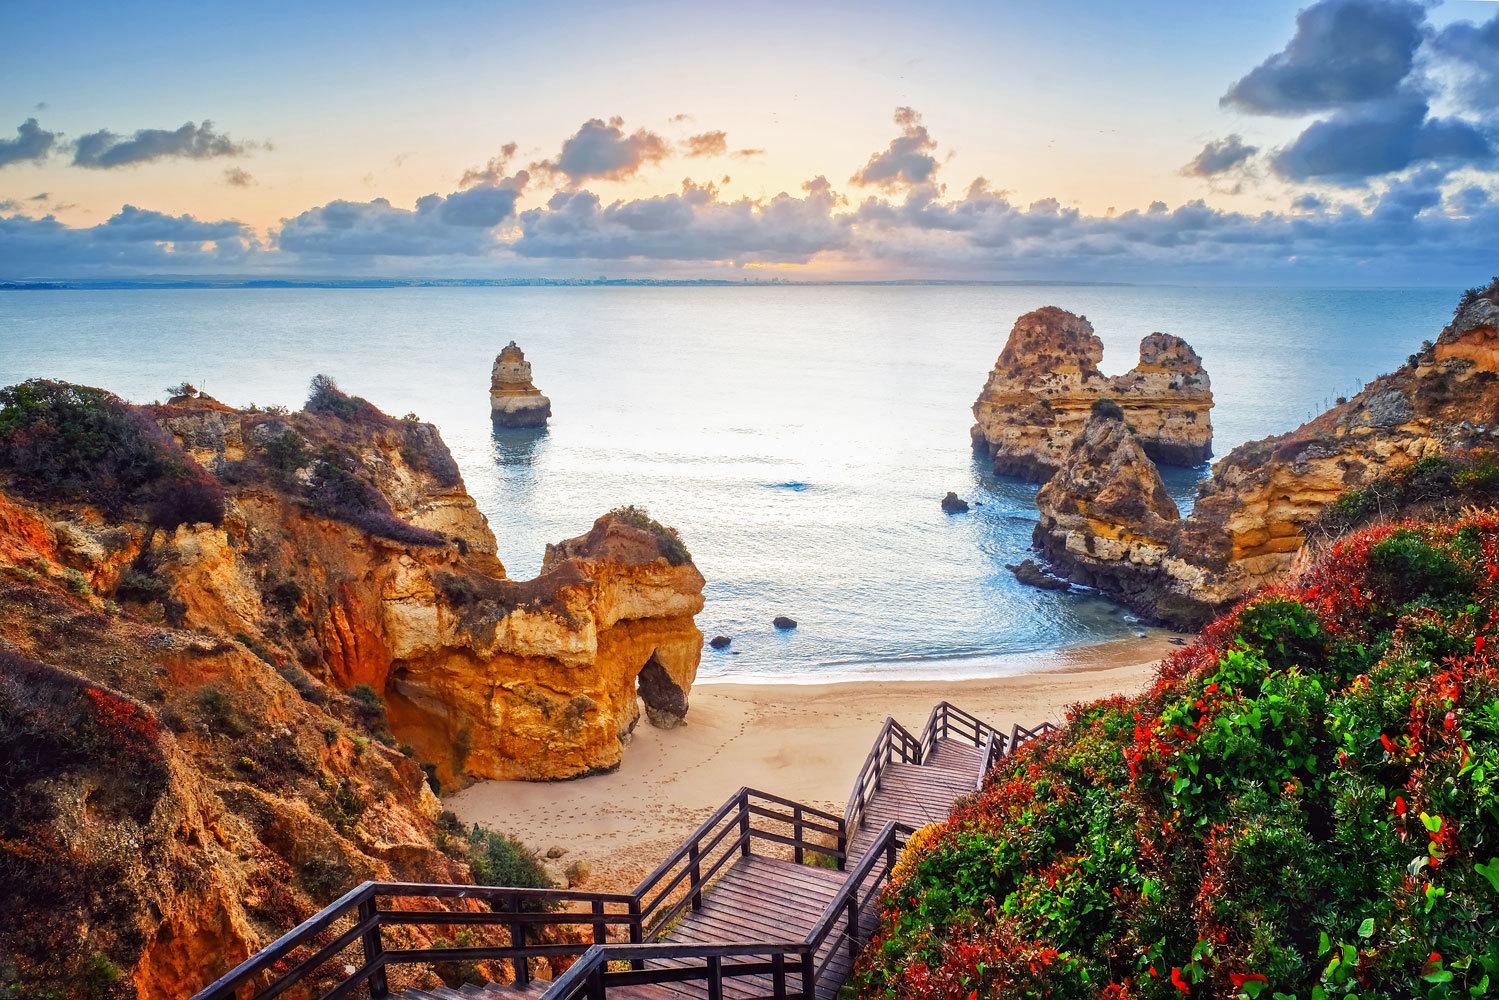 """La <a href=""""https://www.elmundo.es/viajes/europa/2018/05/03/5ae32721e5fdeaf7698b4667.html"""" target=""""_blank""""> región portuguesa del Algarve</a>, tan turística como bella, es una de las incluidas en el <strong>ránking sobre destinos más seguros </strong>frente al coronavirus de la organización <strong>European Best Destinations</strong>, con sede en Bruselas y que busca promocionar la cultura y el turismo en el Viejo Continente bajo la supervisión de la red Edén, dependiente de la Unión Europea."""